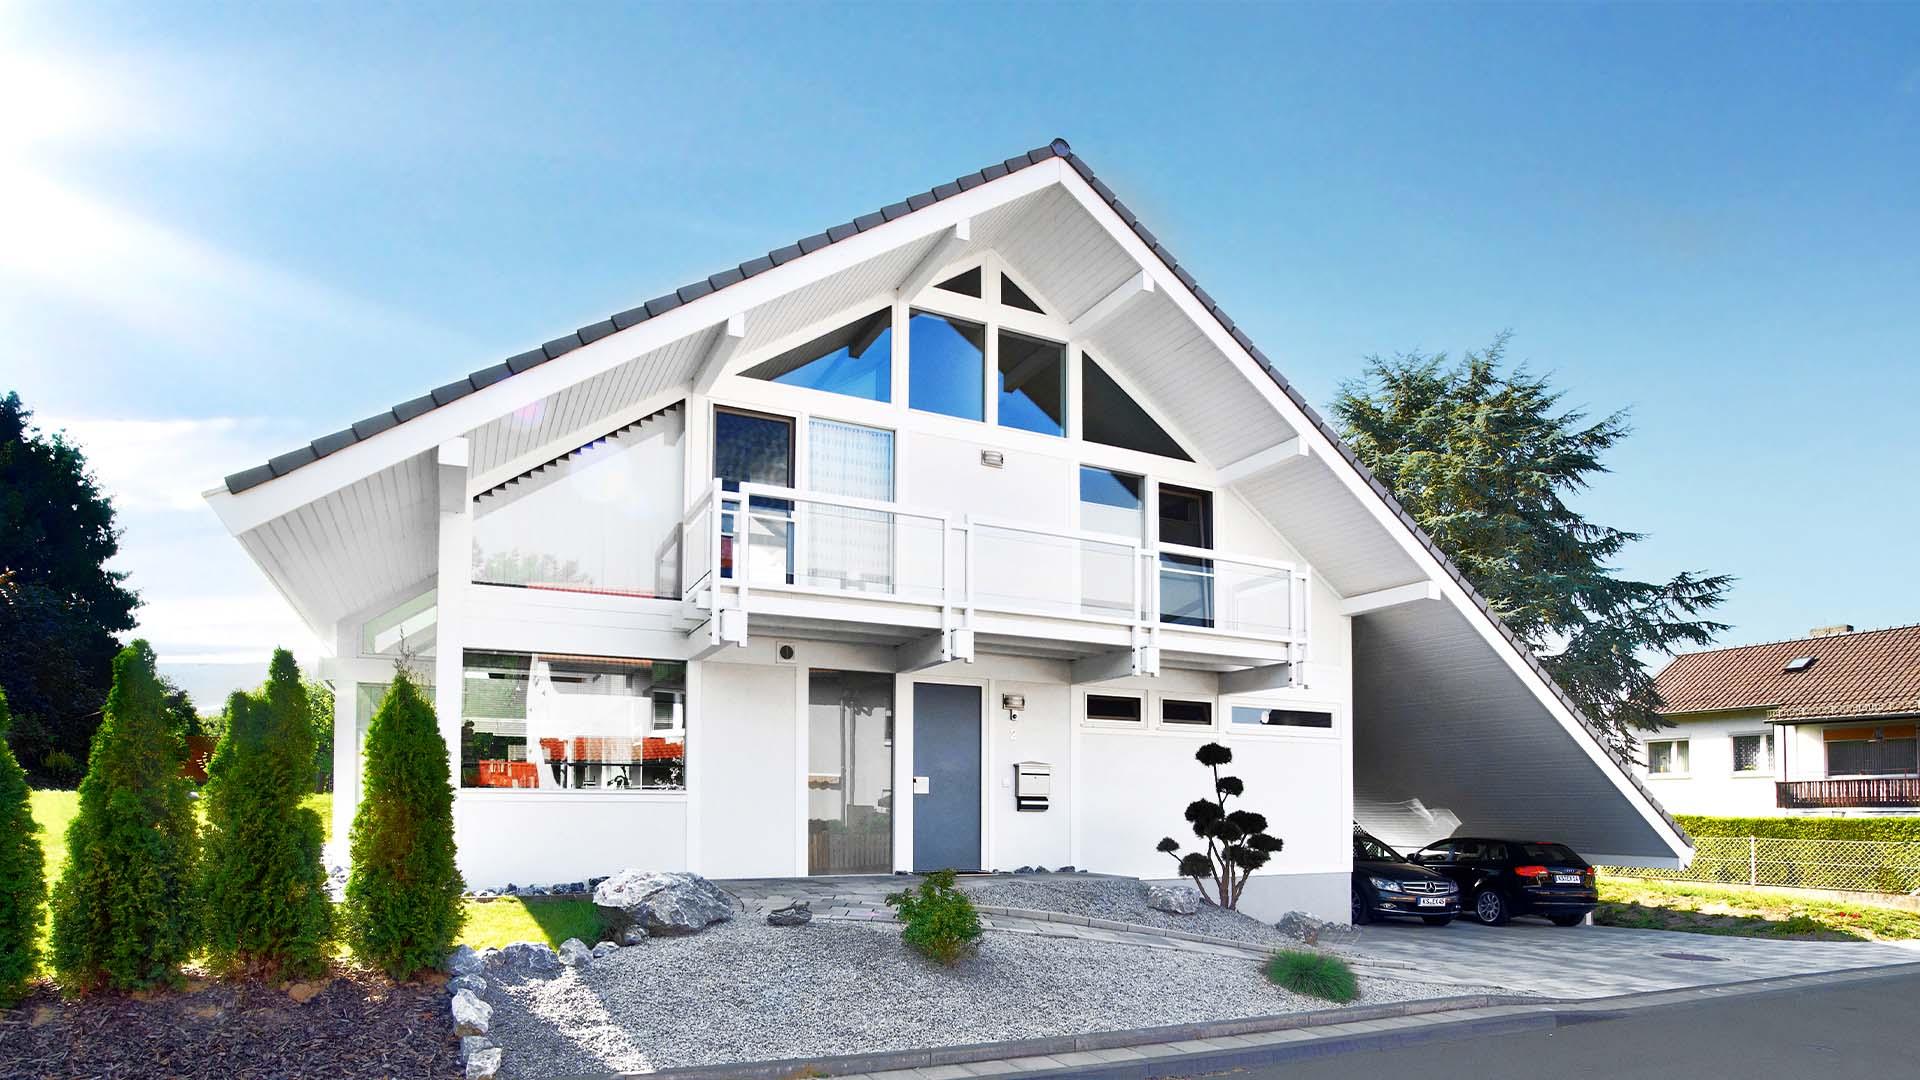 Detmolder Fachwerkhaus – Exterieur 03